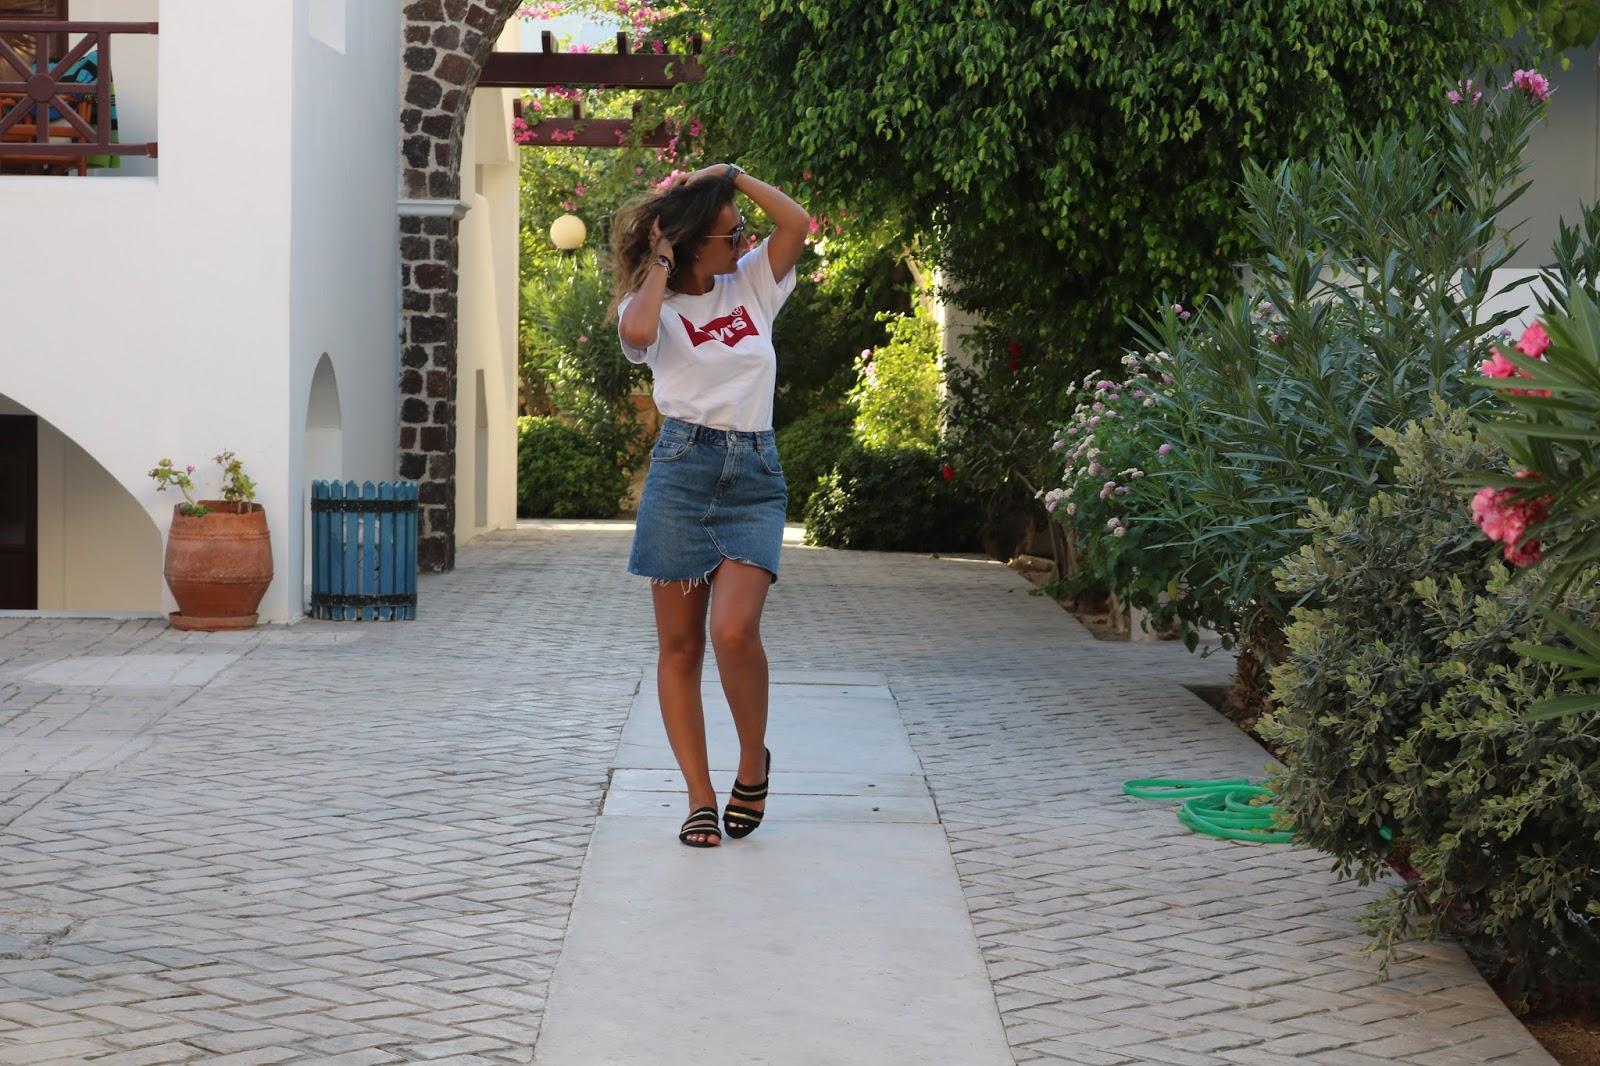 blog blogger blogging comment augmenter son lectorat mode fashion lifestyle comment développer son blog faire connaitre son blog l'importance des réseaux sociaux aggrandir les lecteurs toucher plus de monde référencement SEO levis logo ados jupe en jeans mules missguided celine luxe lunettes de soleil t-shirt levis blanc et gris santorin